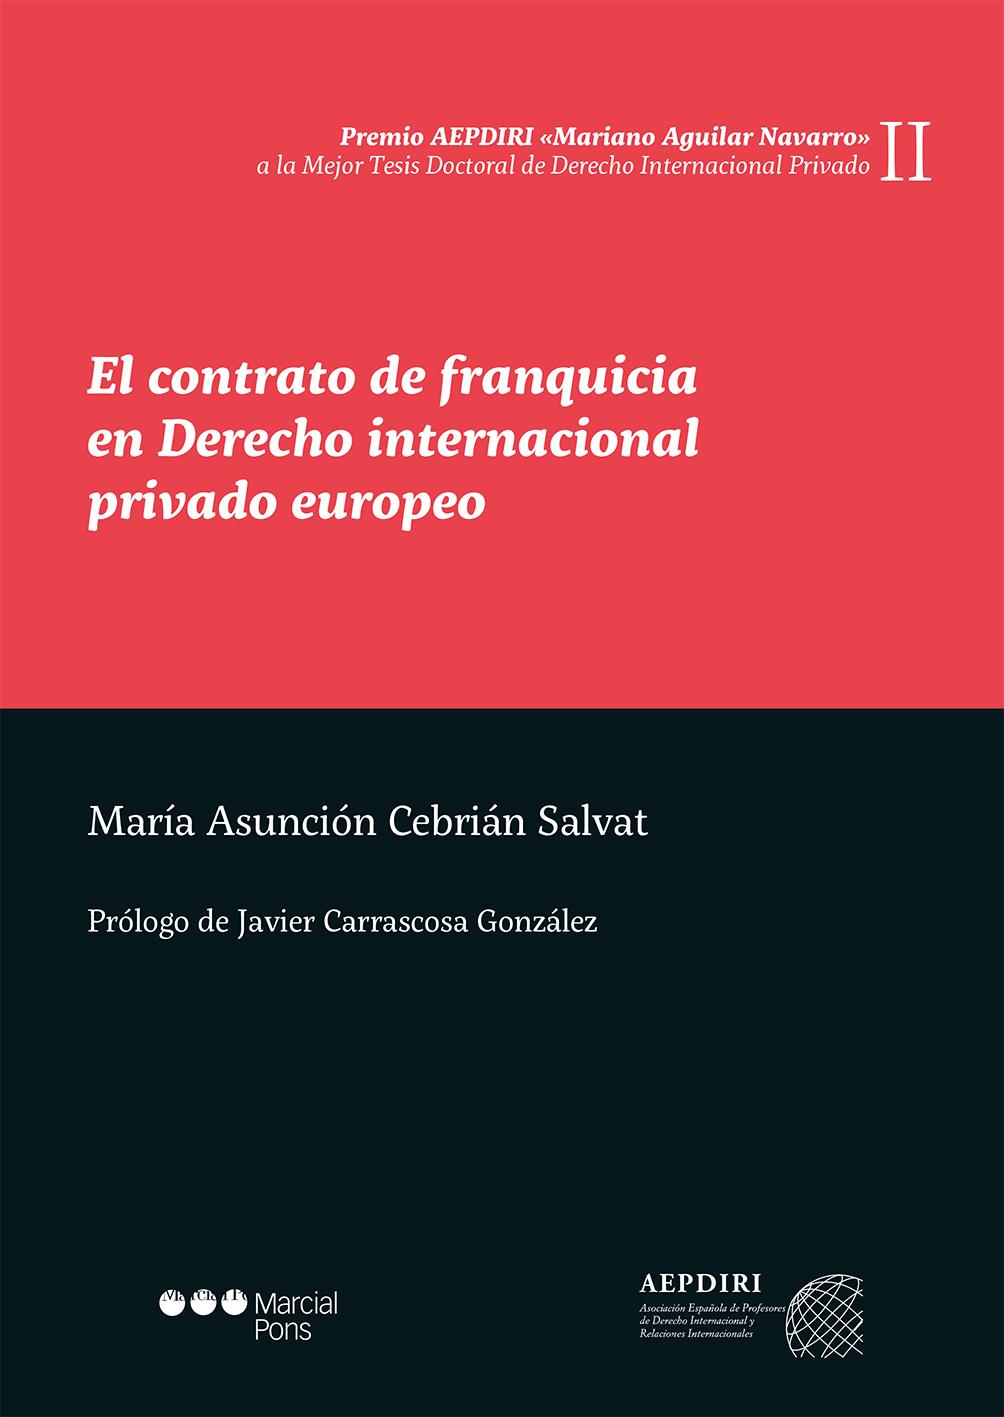 El contrato de franquicia en Derecho internacional privado europeo